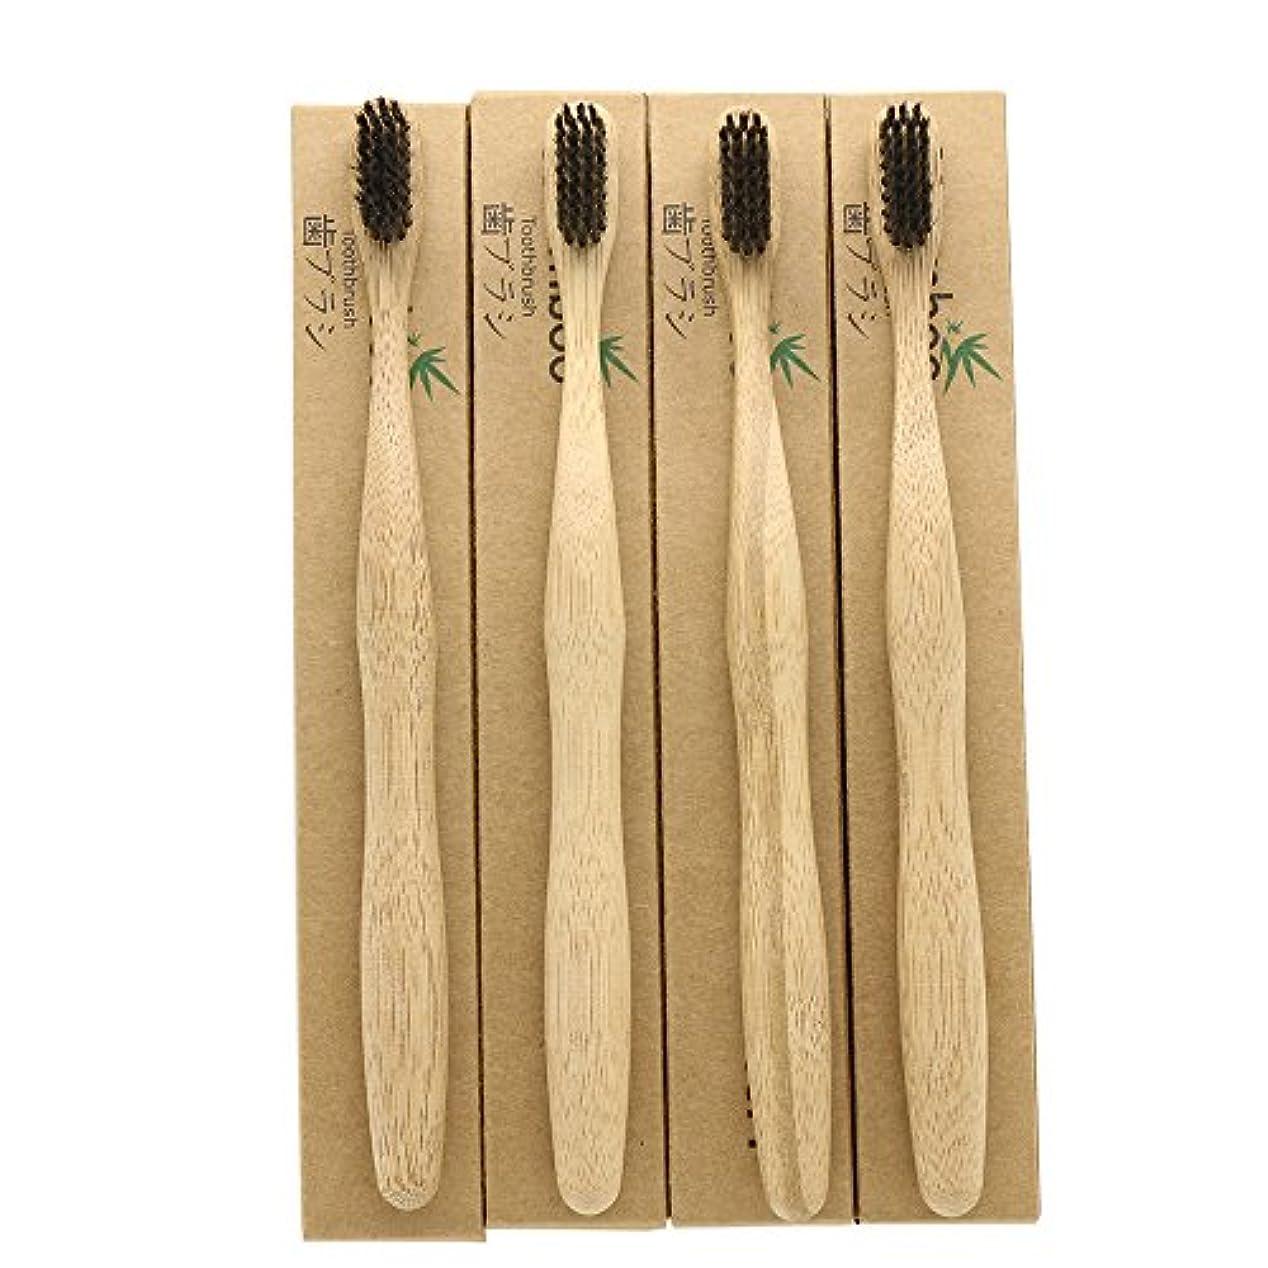 粘性の敬意を表するホイッスルN-amboo 竹製耐久度高い 歯ブラシ  黒い ハンドル大きい  4本入りセット